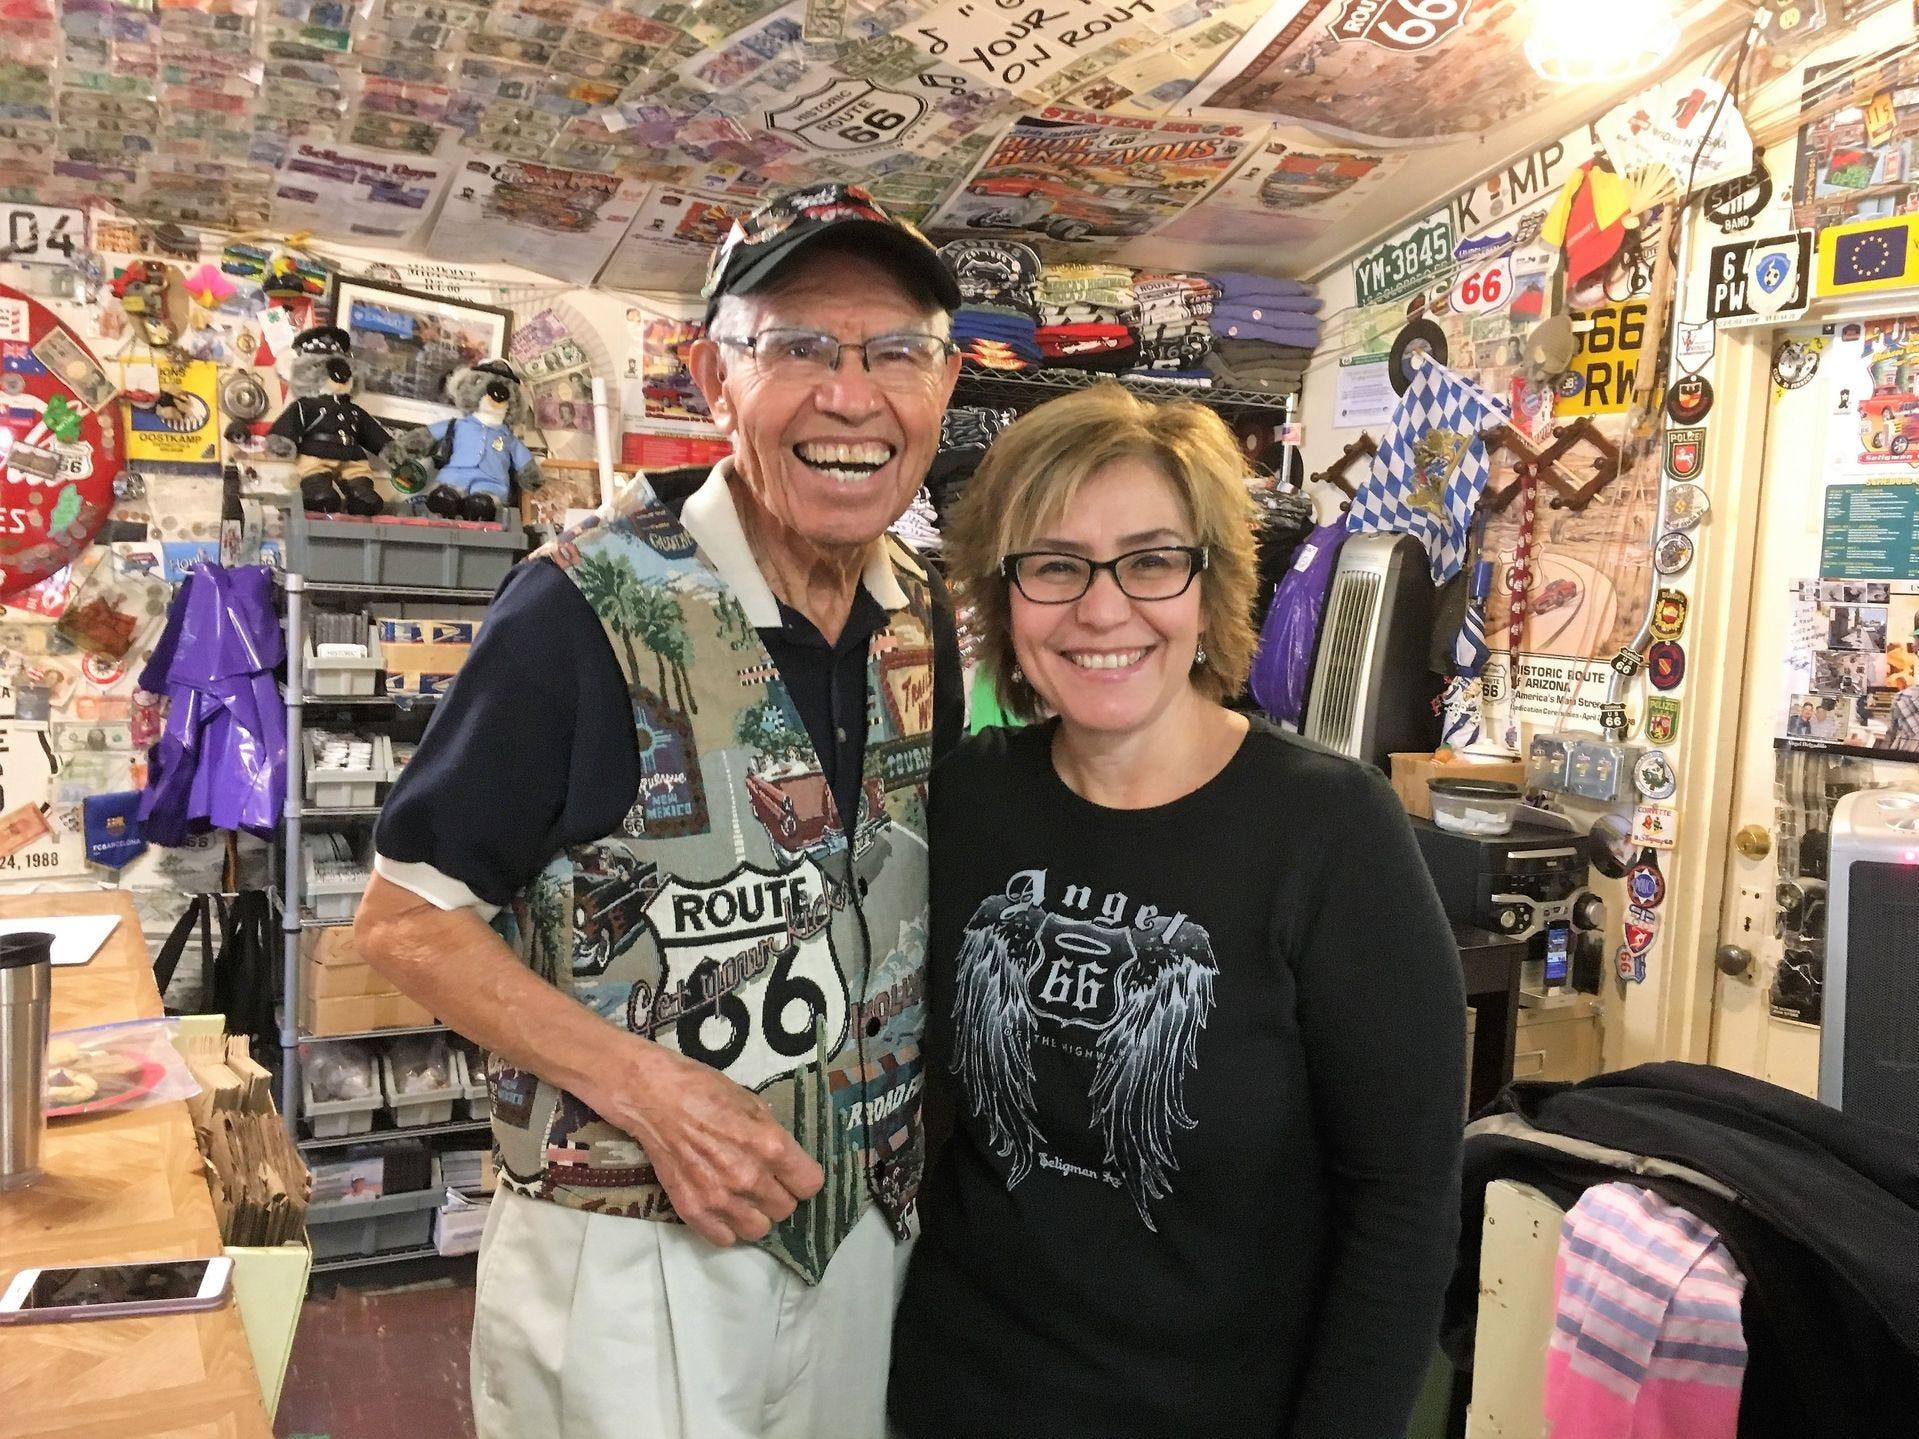 Angel Delgadillo y su hija Clarissa Delgadillo dentro de la tienda de regalos Route 66 en Seligman.